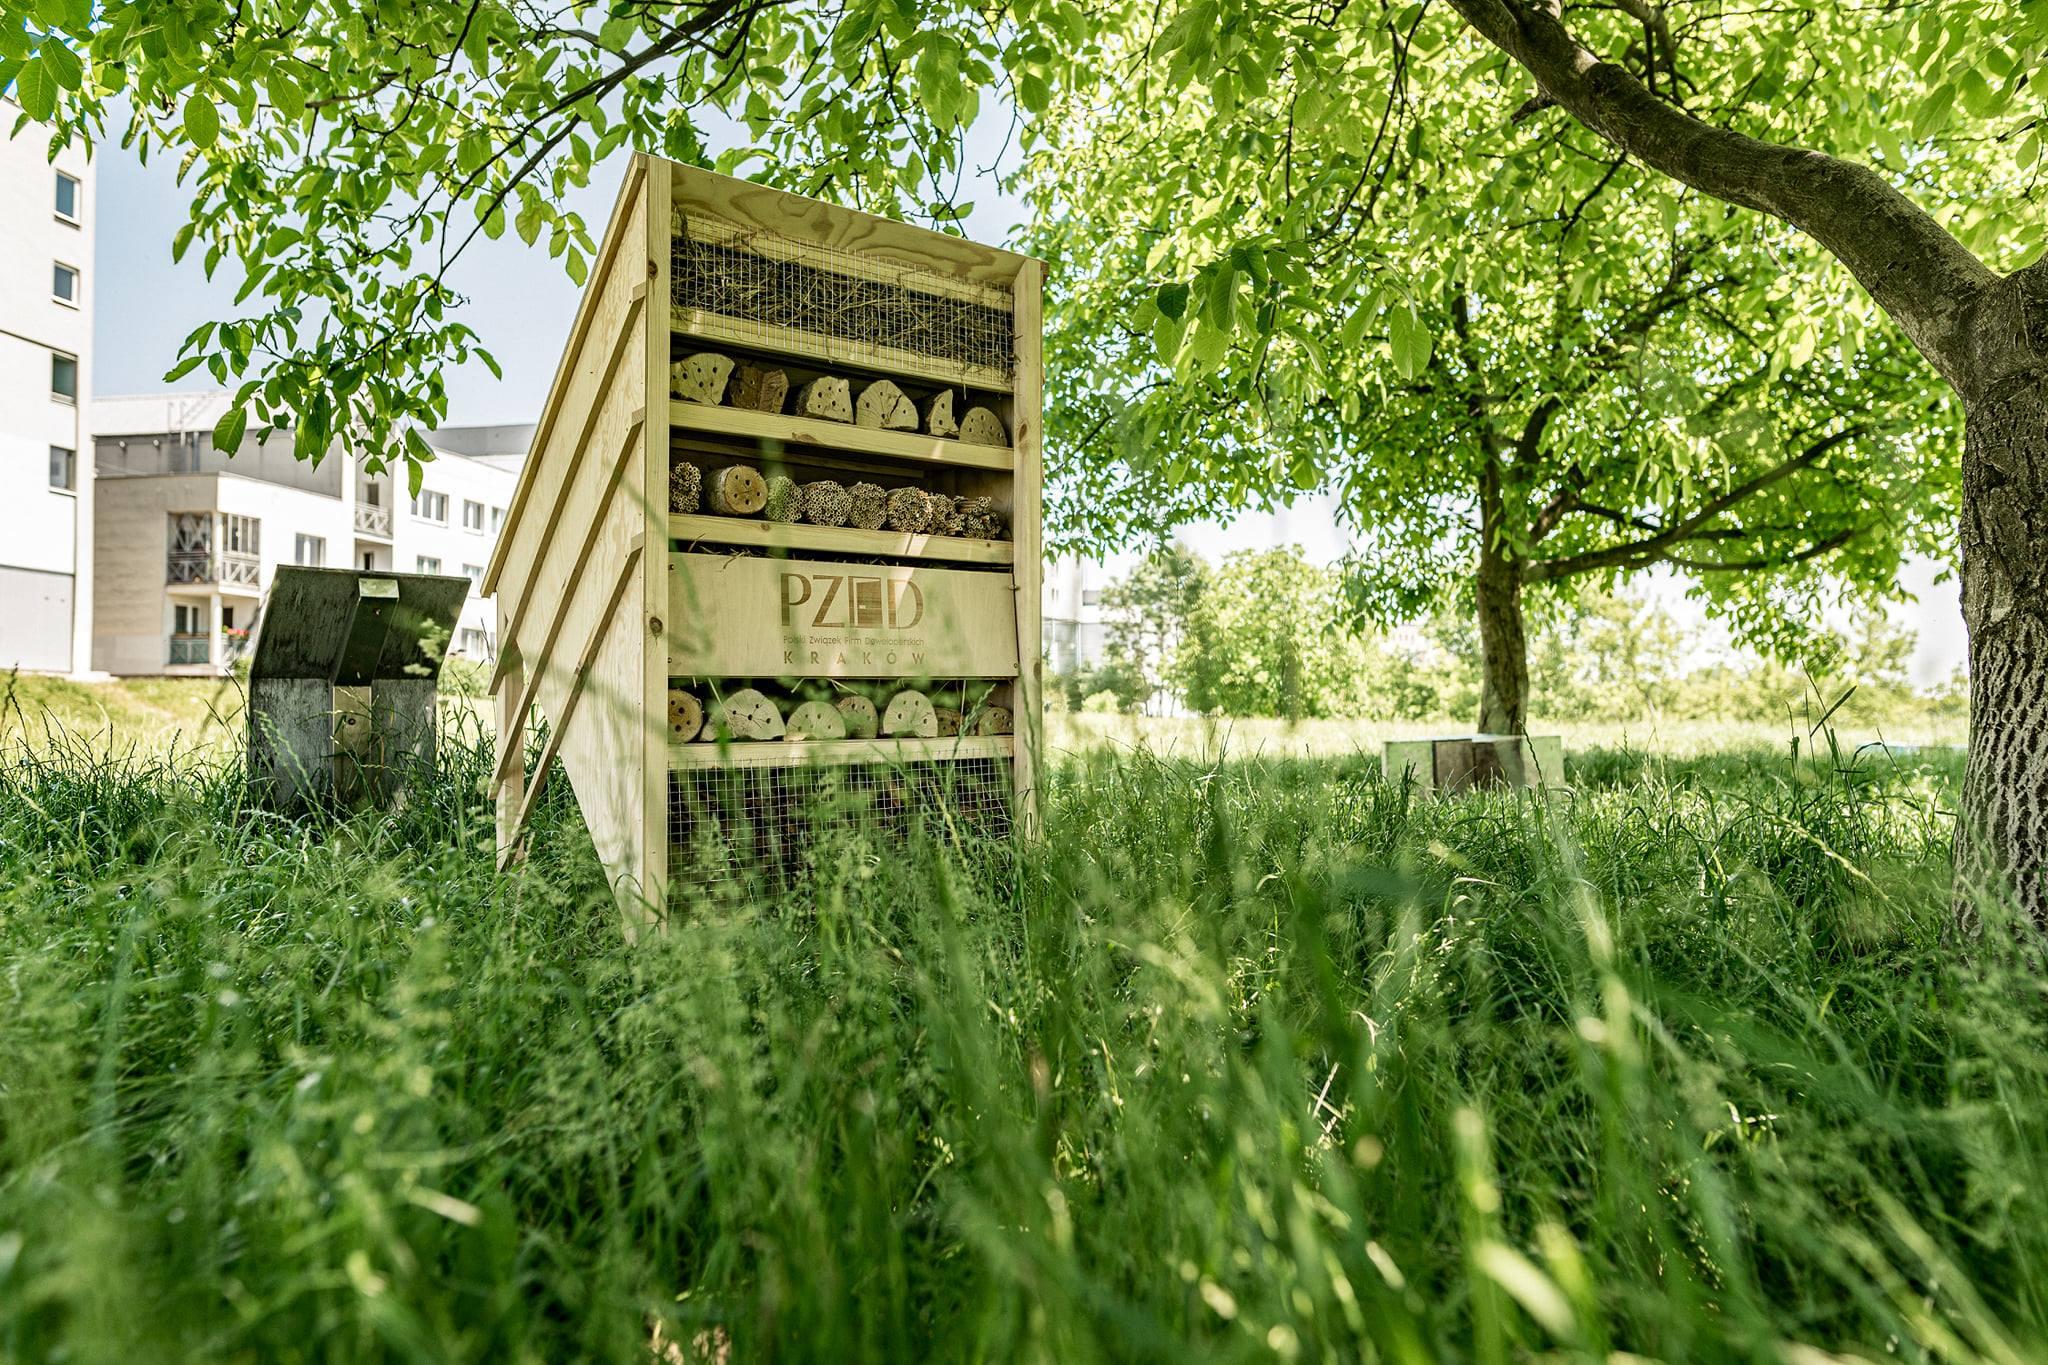 Domek dla owadów w Krakowie